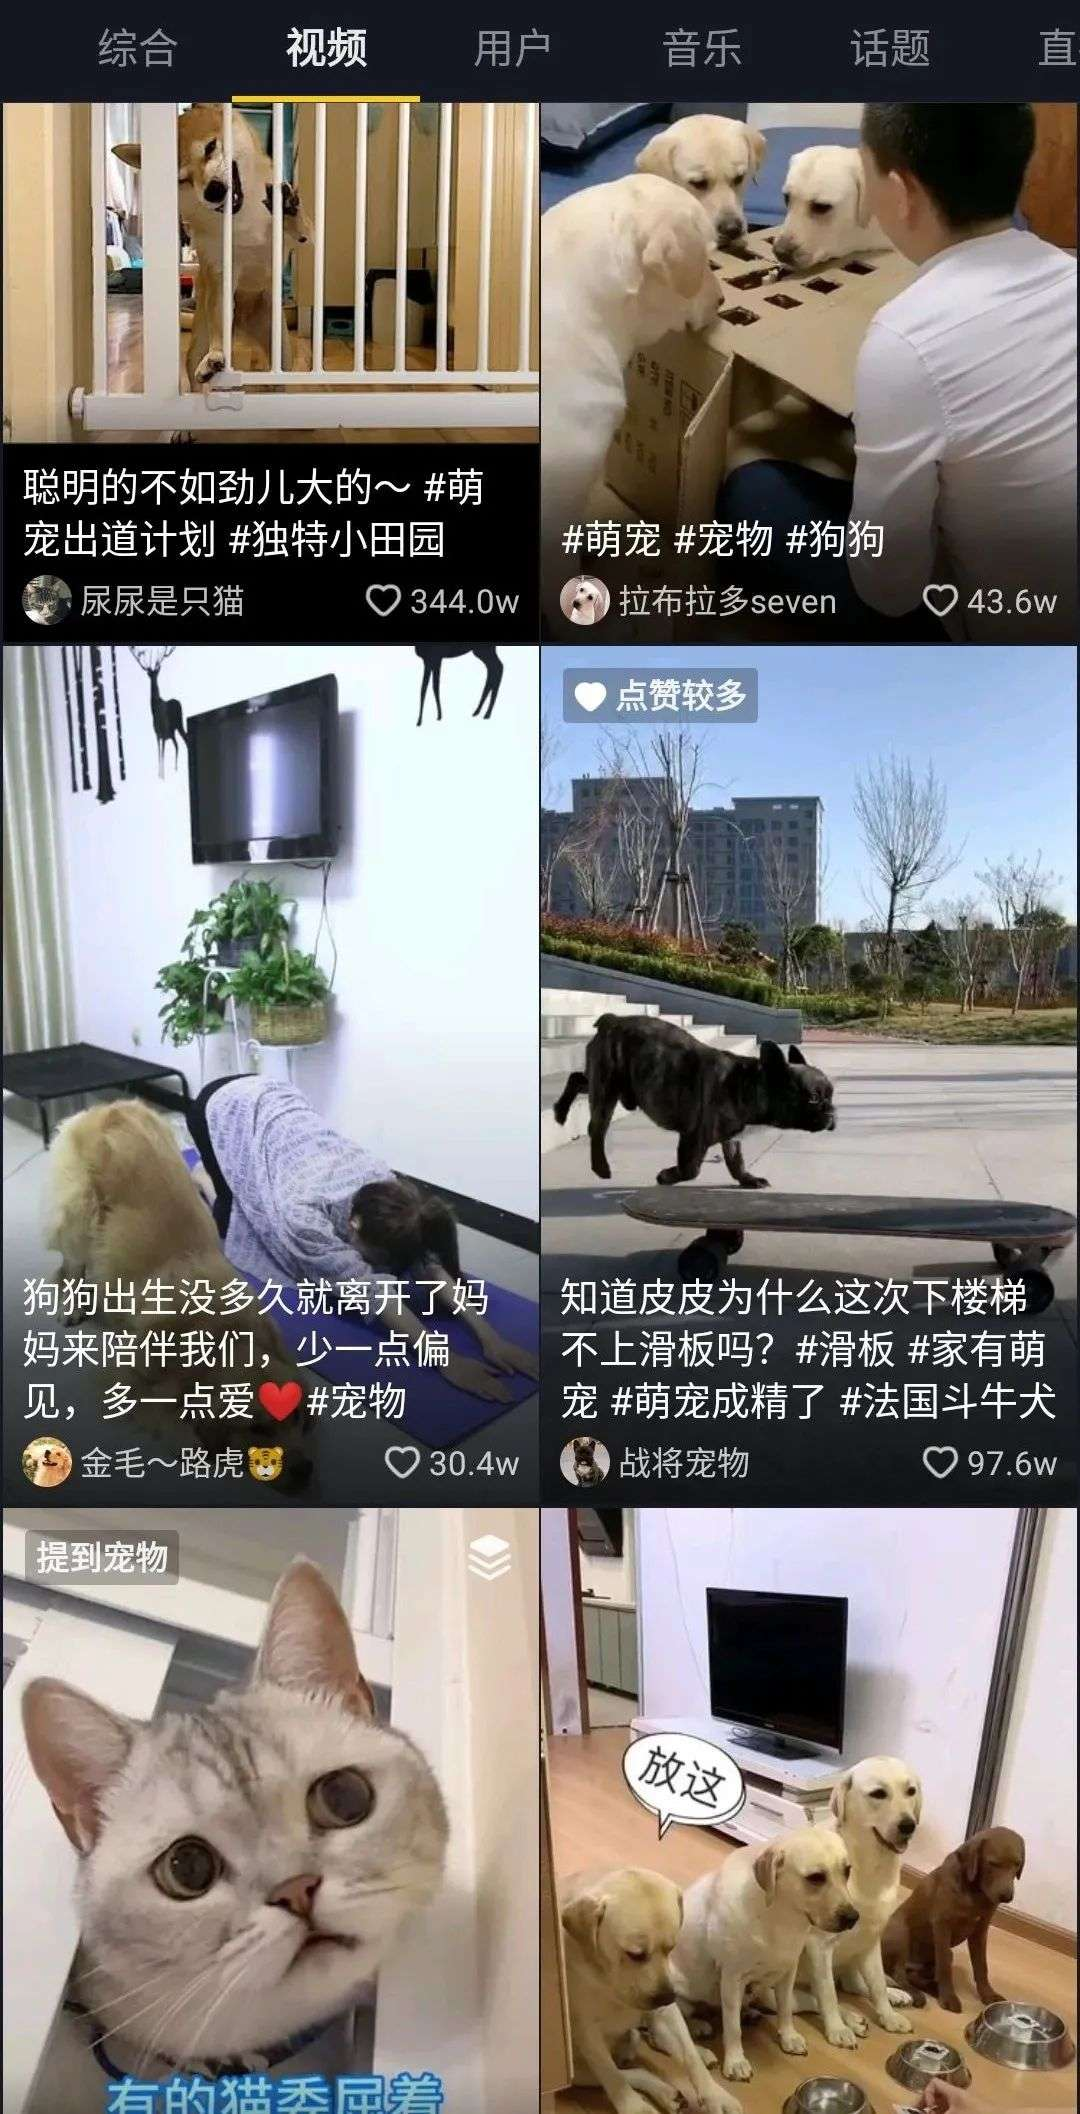 """每5秒一场宠物直播,萌宠短视频催生新经济""""养活""""铲屎官"""